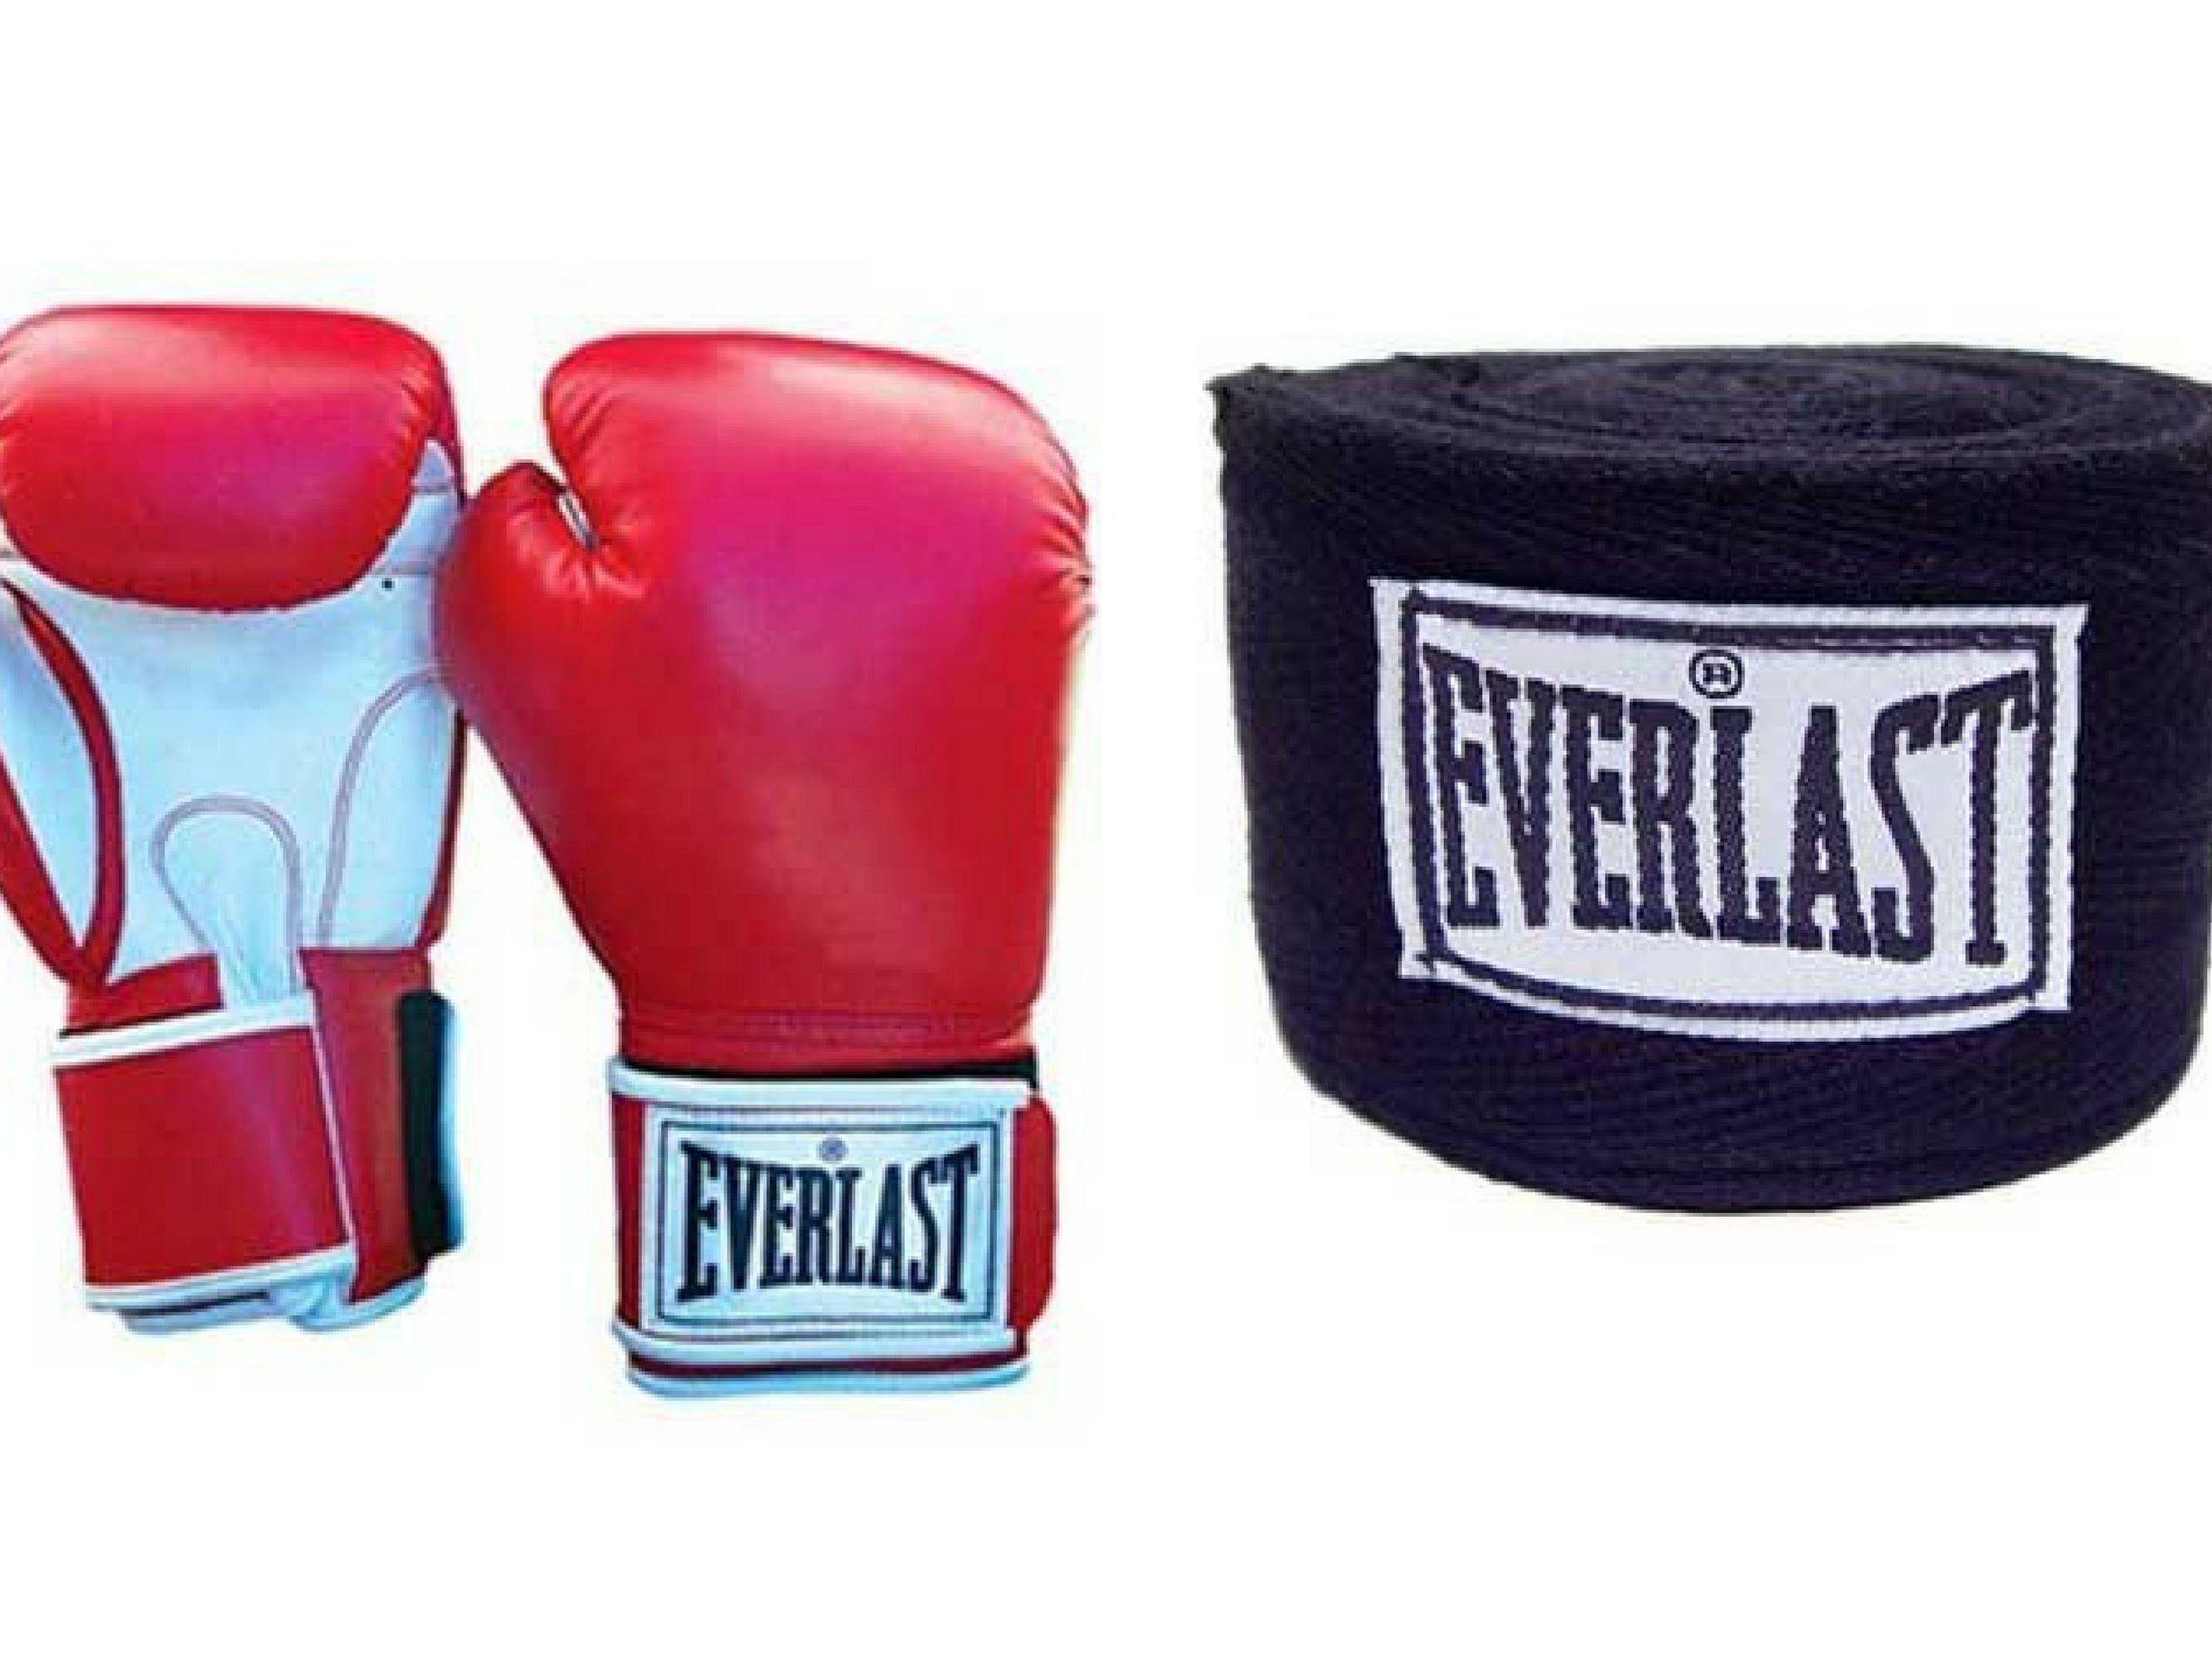 Everlast Boxing Fitness Kit Boxing Glove Fitness Kit Training Exercise